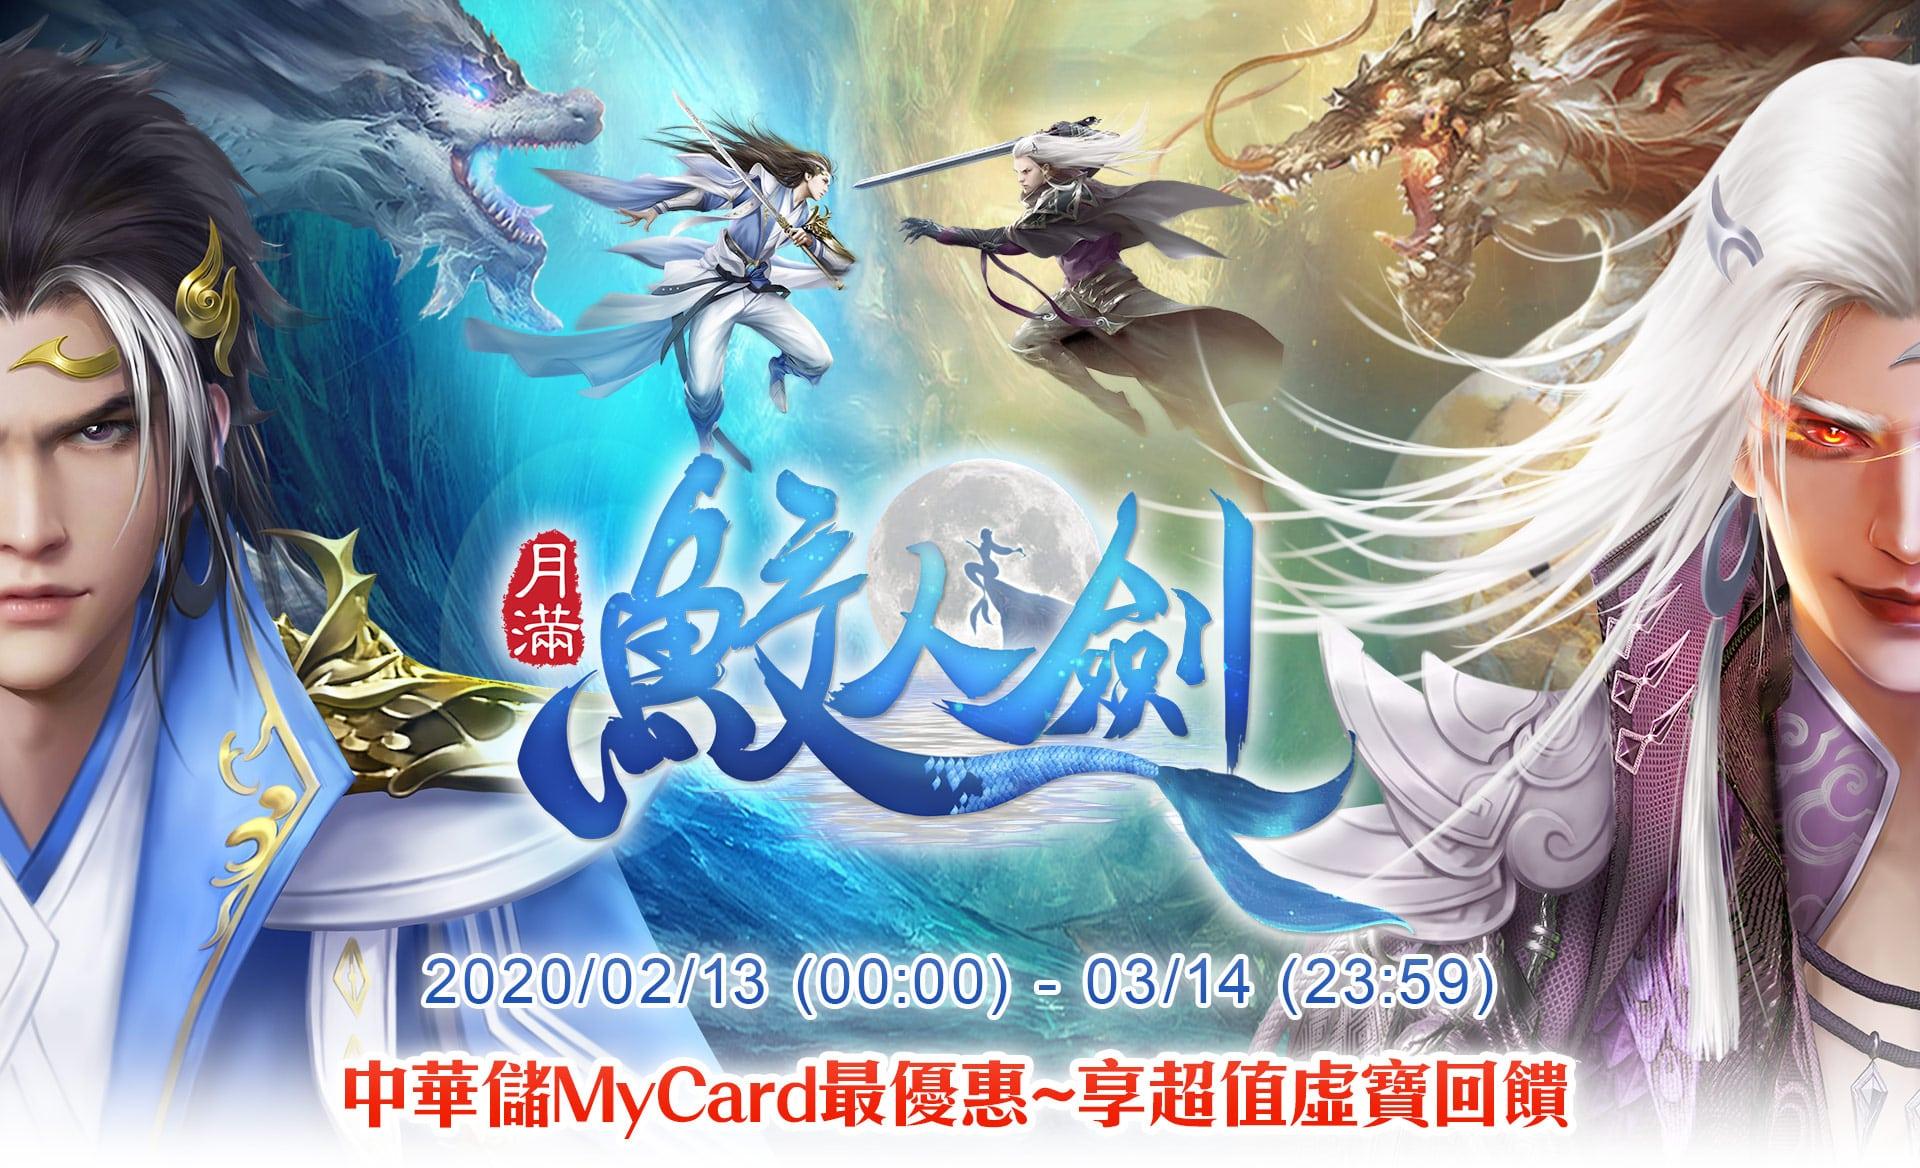 《月滿鮫人劍》中華儲MyCard最優惠~享超值虛寶回饋    中華電信